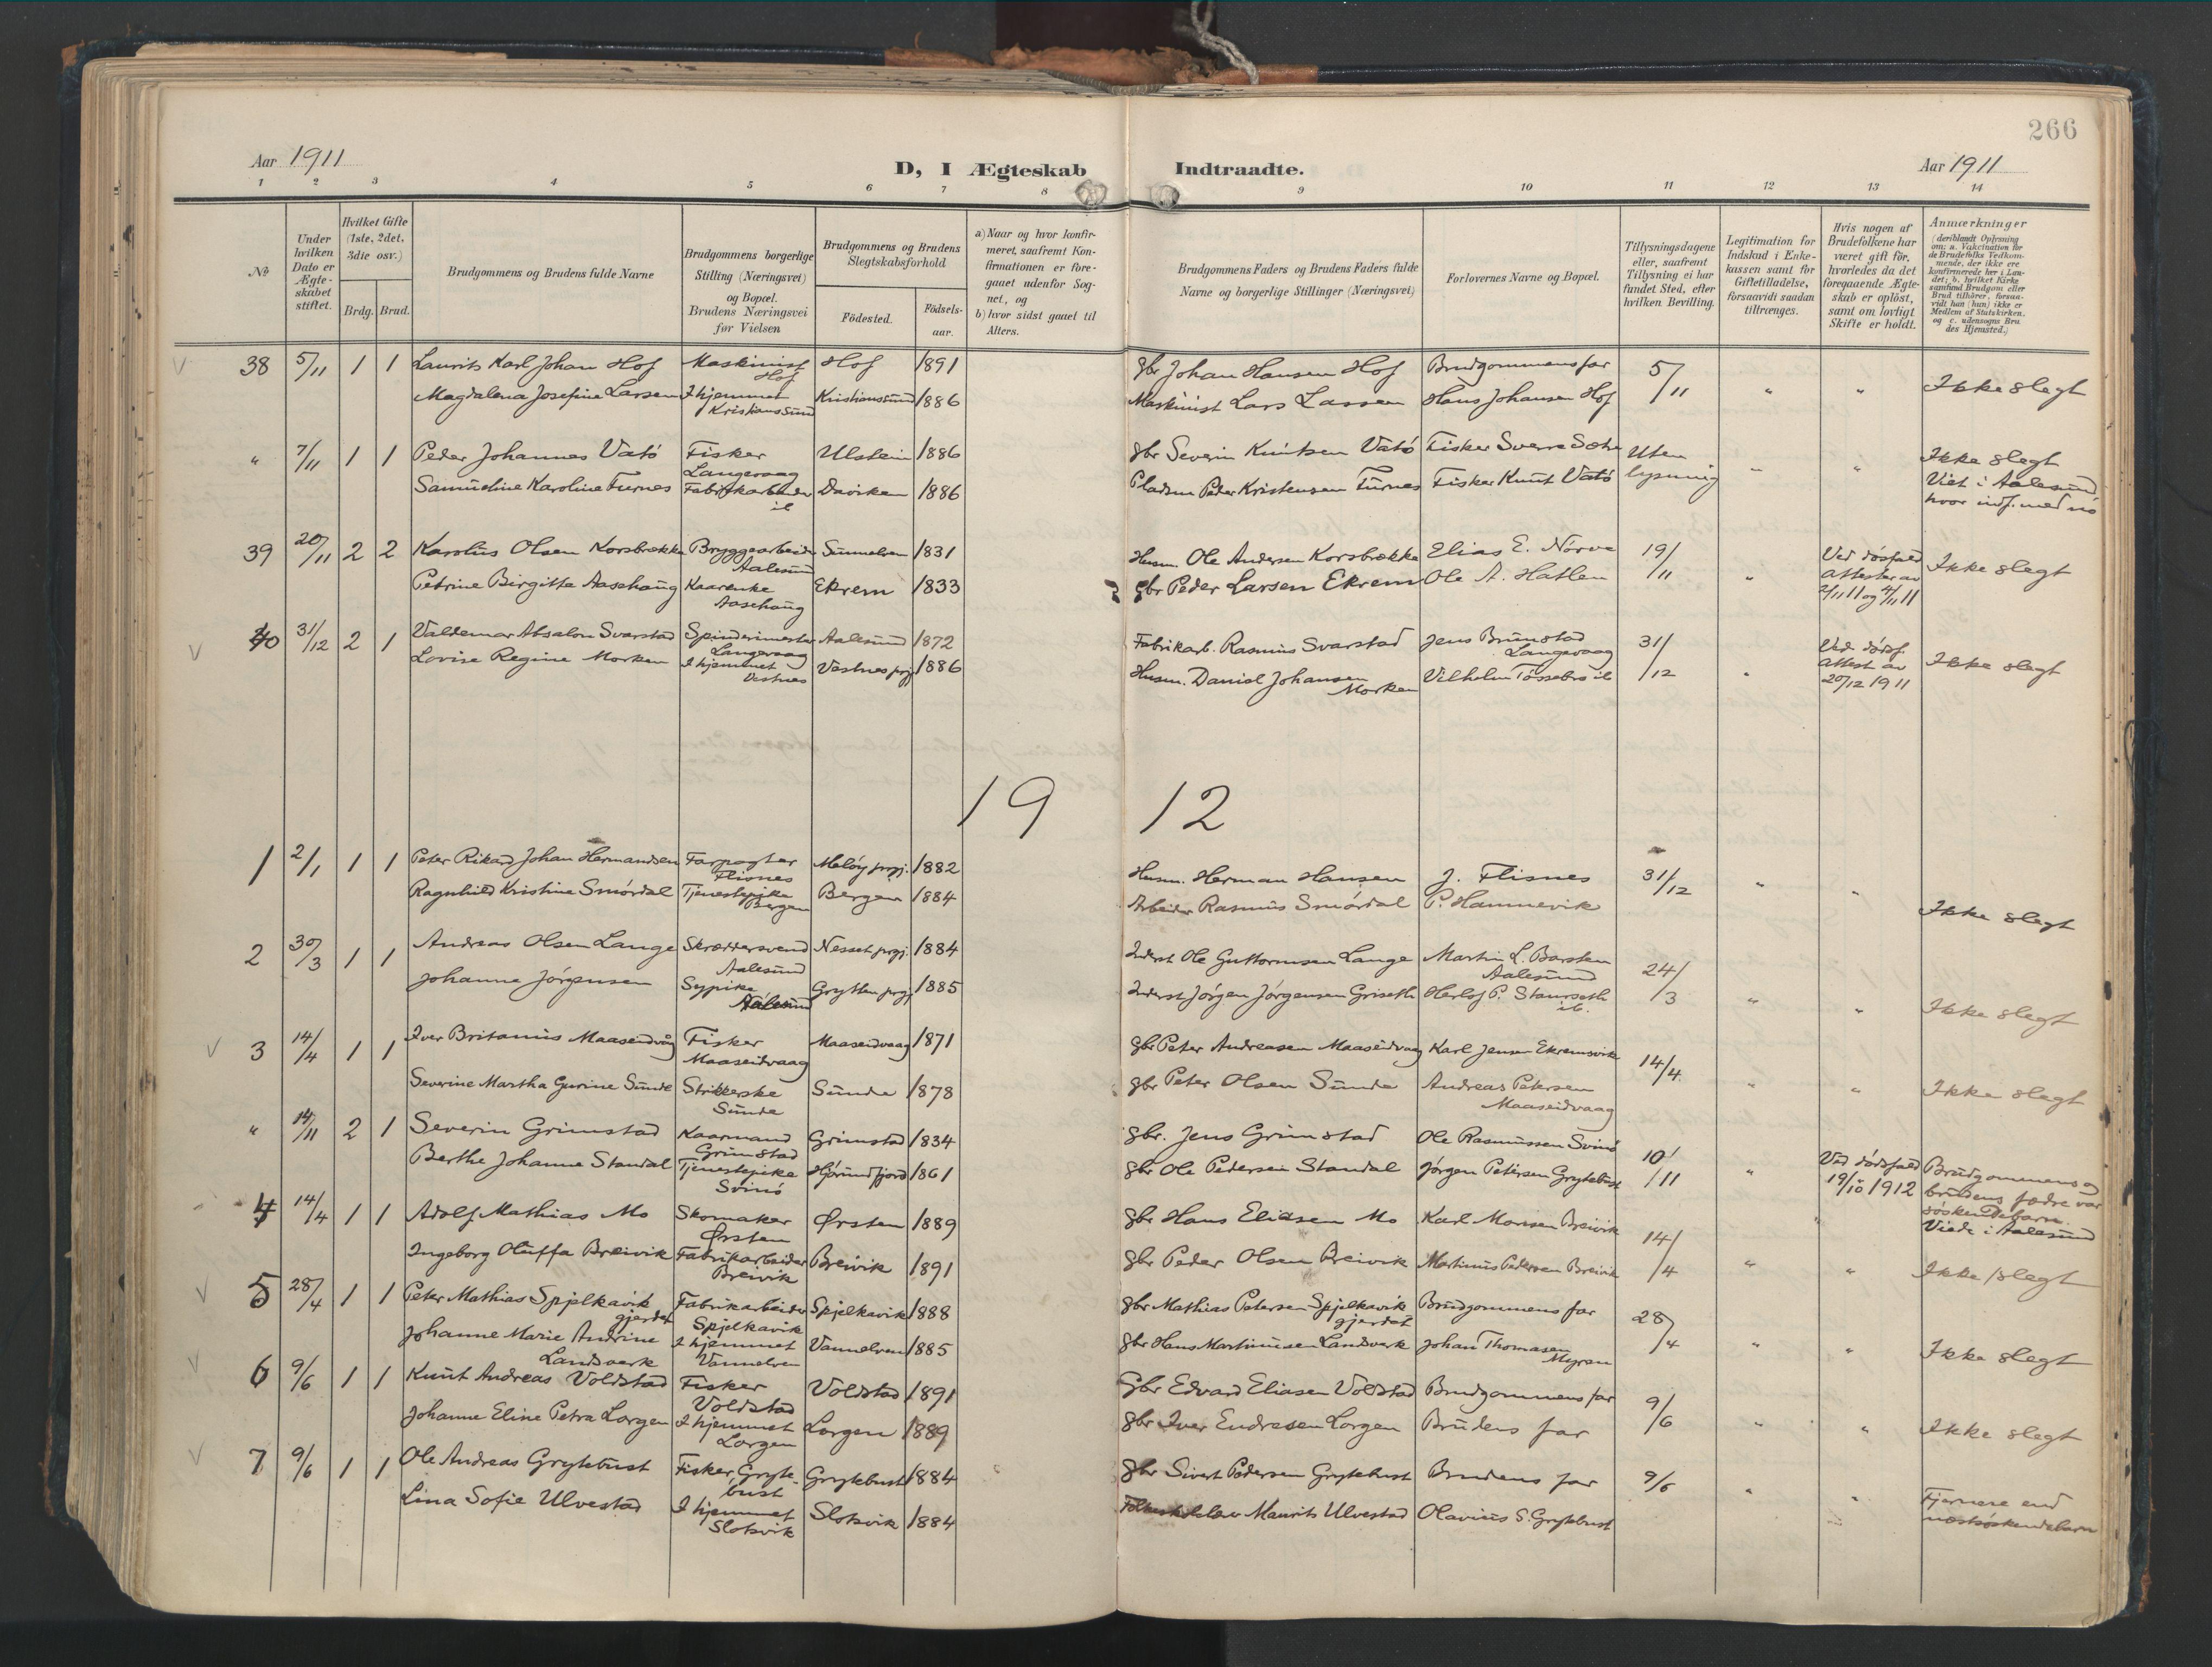 SAT, Ministerialprotokoller, klokkerbøker og fødselsregistre - Møre og Romsdal, 528/L0411: Ministerialbok nr. 528A20, 1907-1920, s. 266